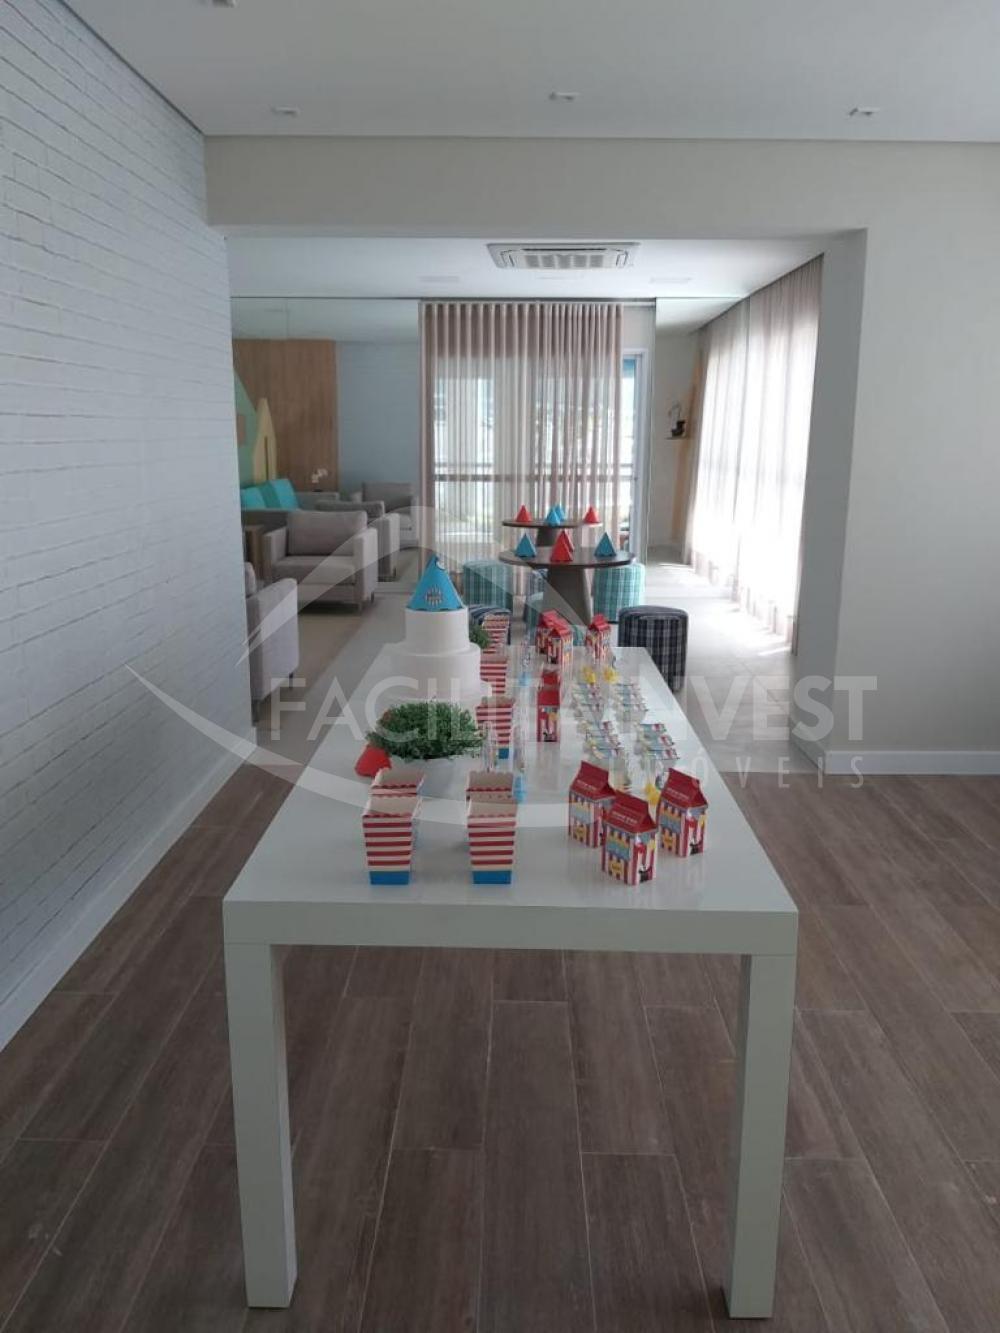 Alugar Apartamentos / Apart. Padrão em Ribeirão Preto apenas R$ 3.500,00 - Foto 35